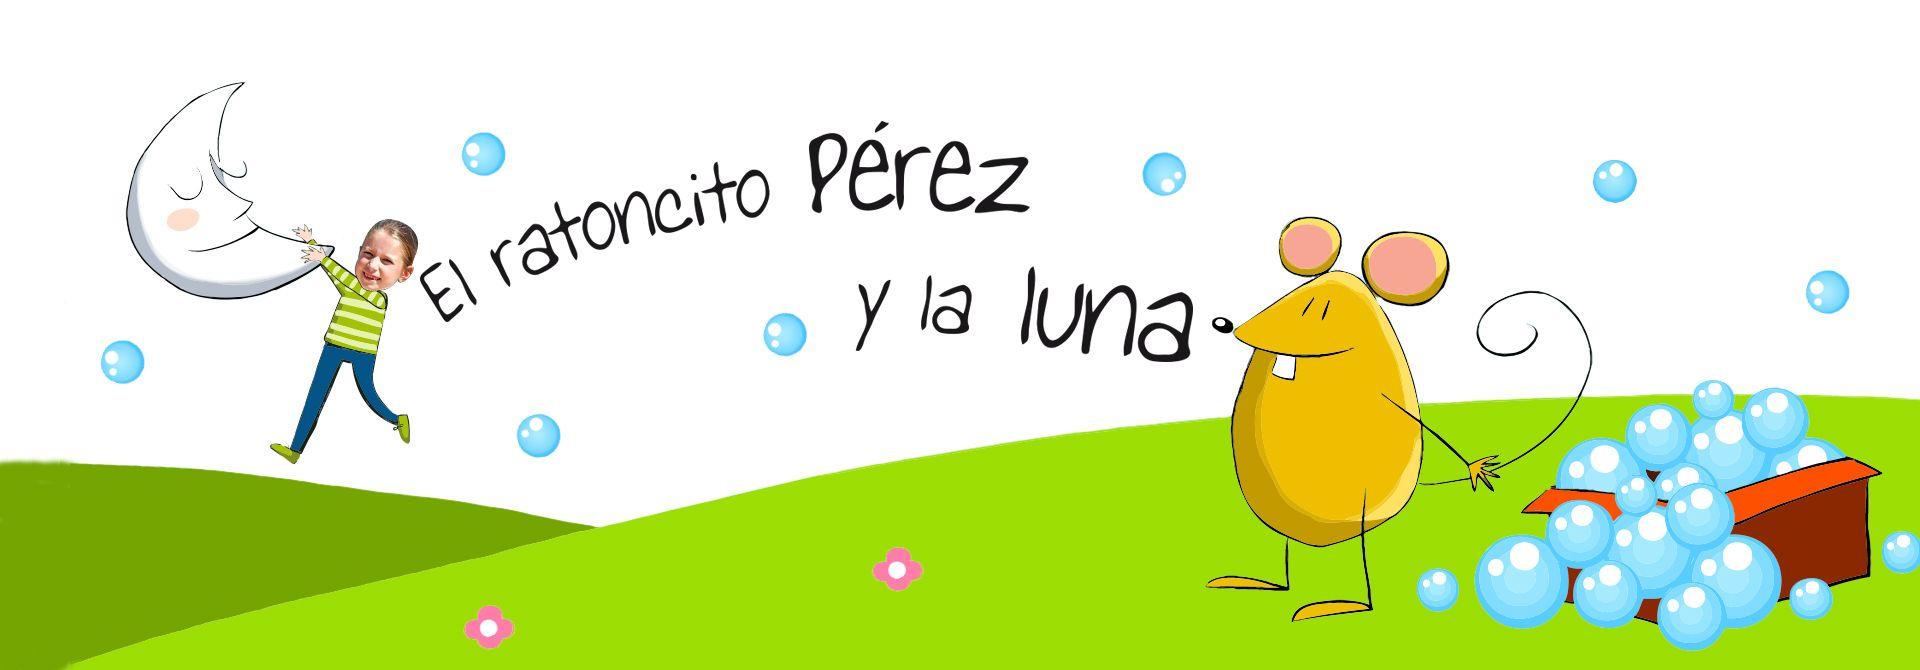 Cuentos de niños personalizados: El secreto del ratoncito Pérez - Encabezado del producto